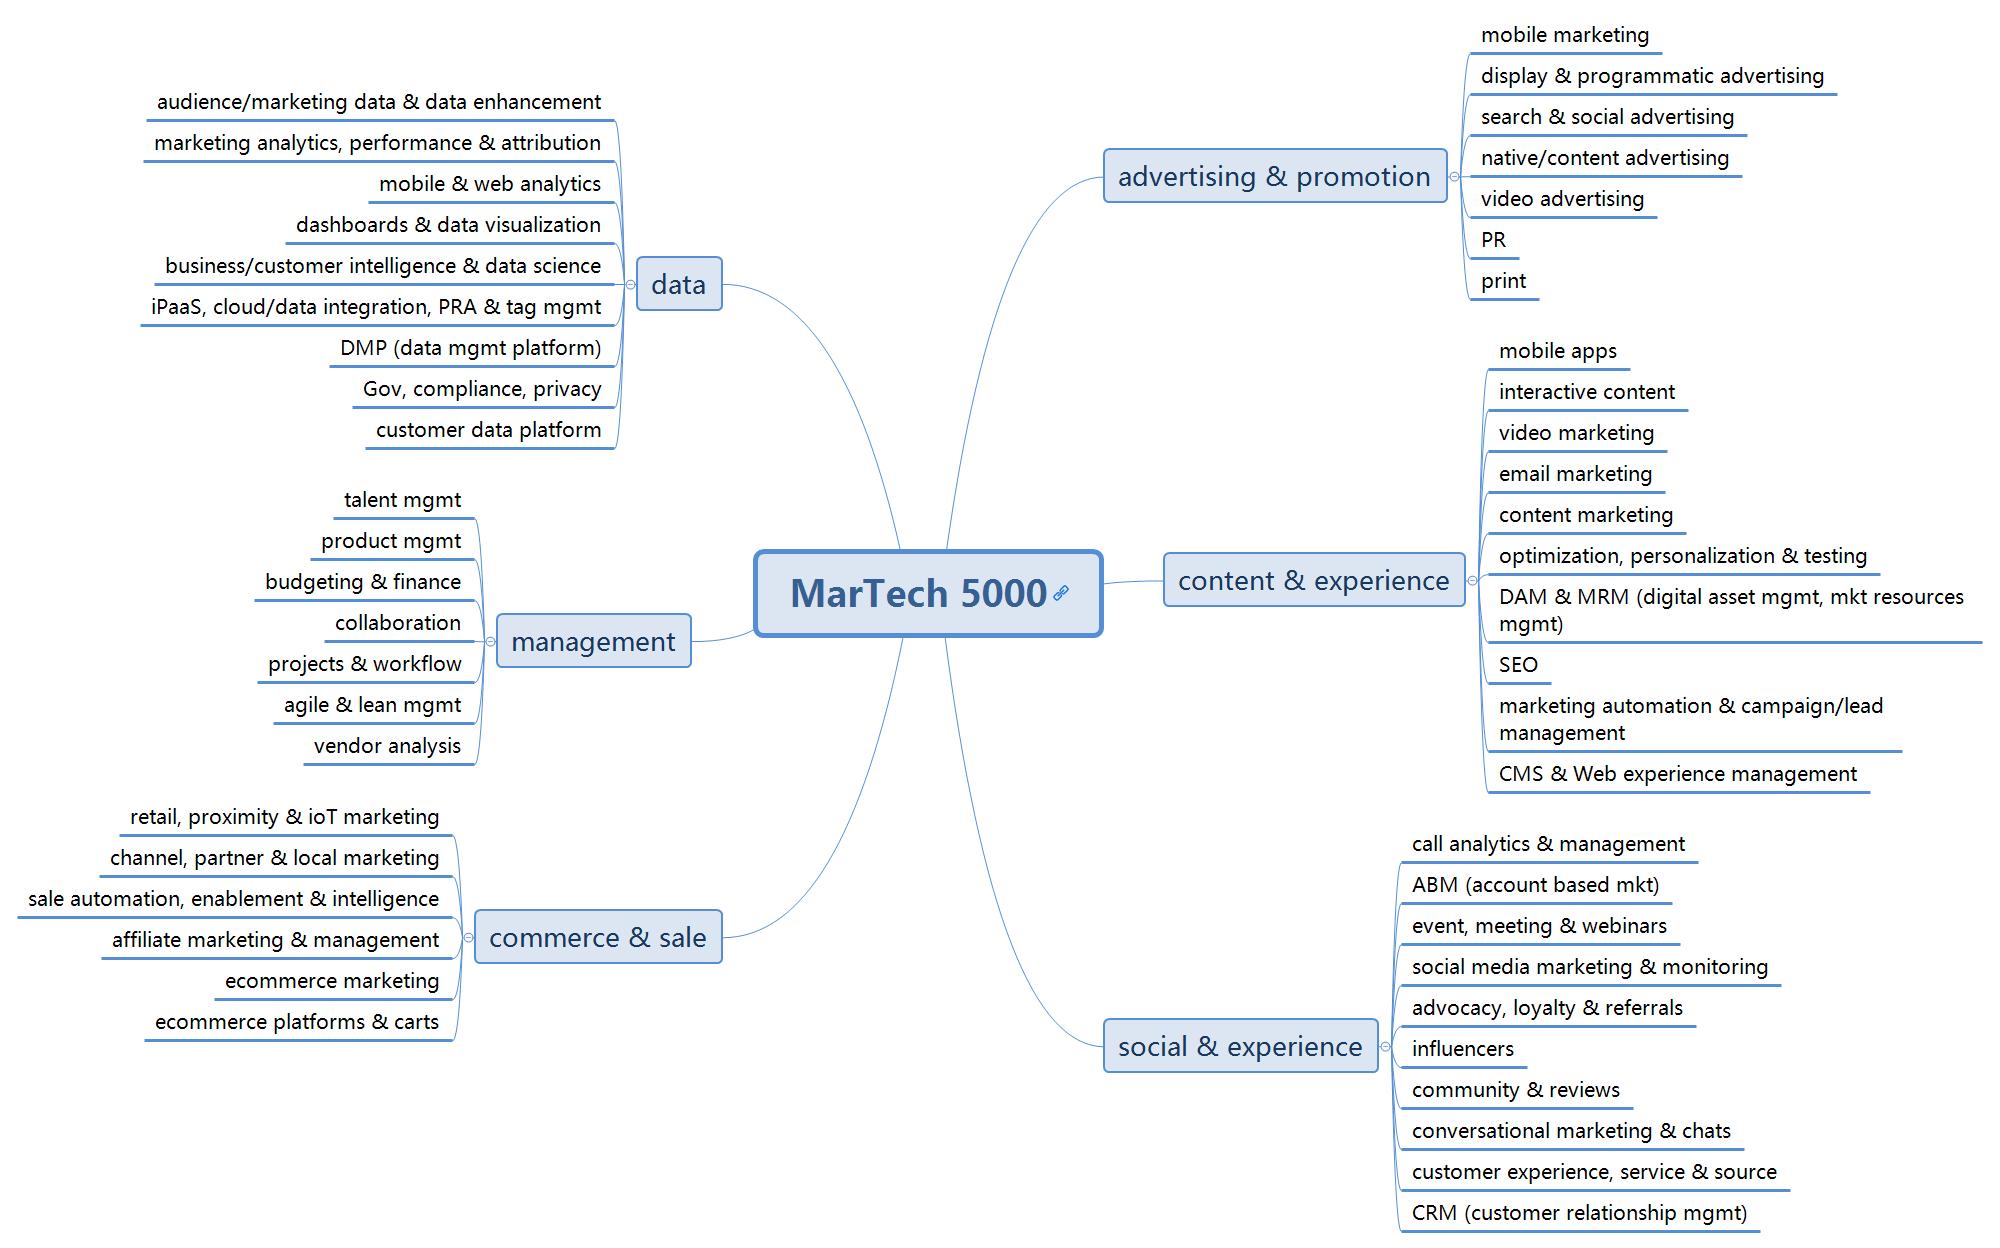 MarTech 5000